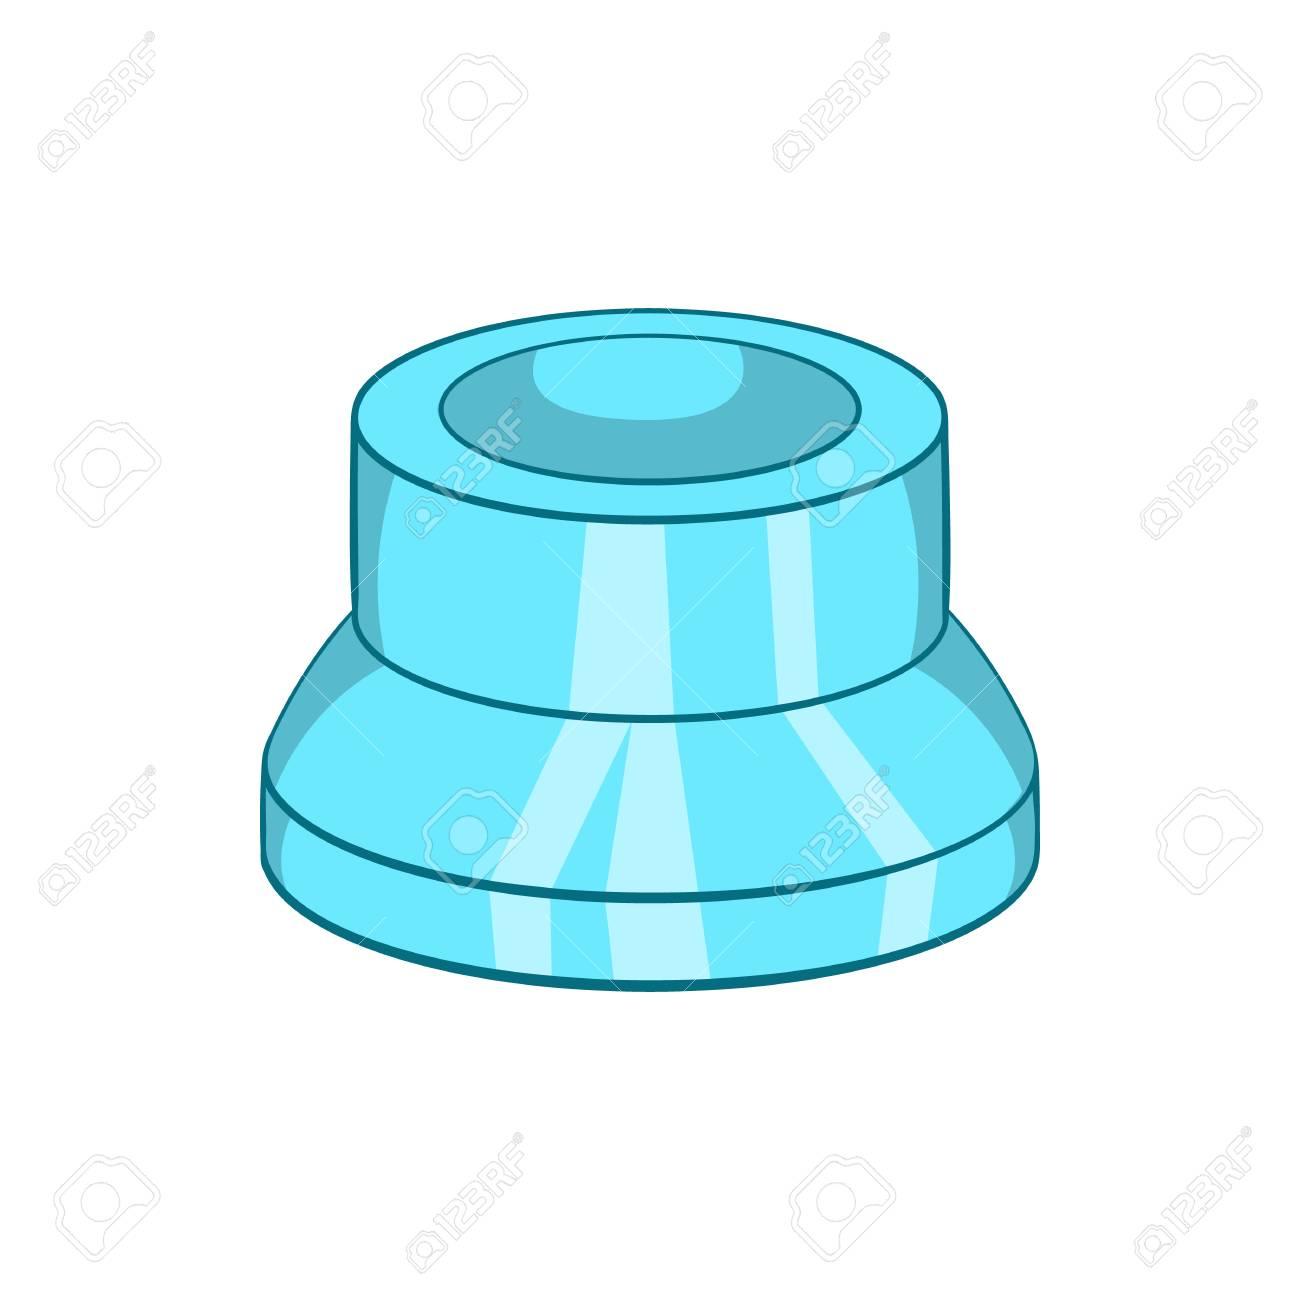 Transparente Icono De La Tapa De Plástico En El Estilo De Dibujos